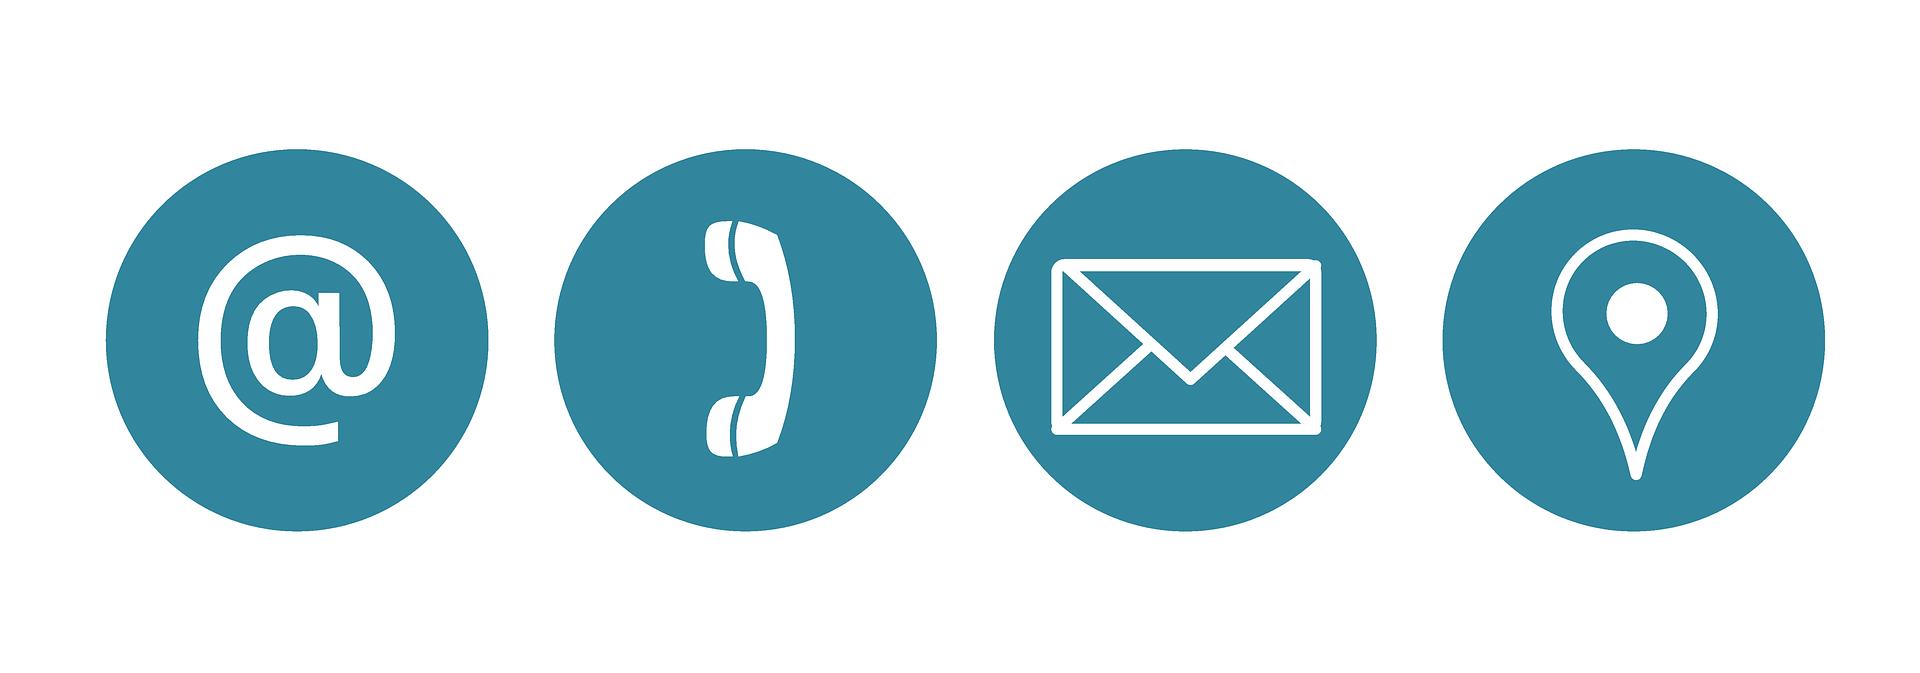 Symboldbild Kontakt mit Symbolen für Mail, Telefon, Brief und Standort